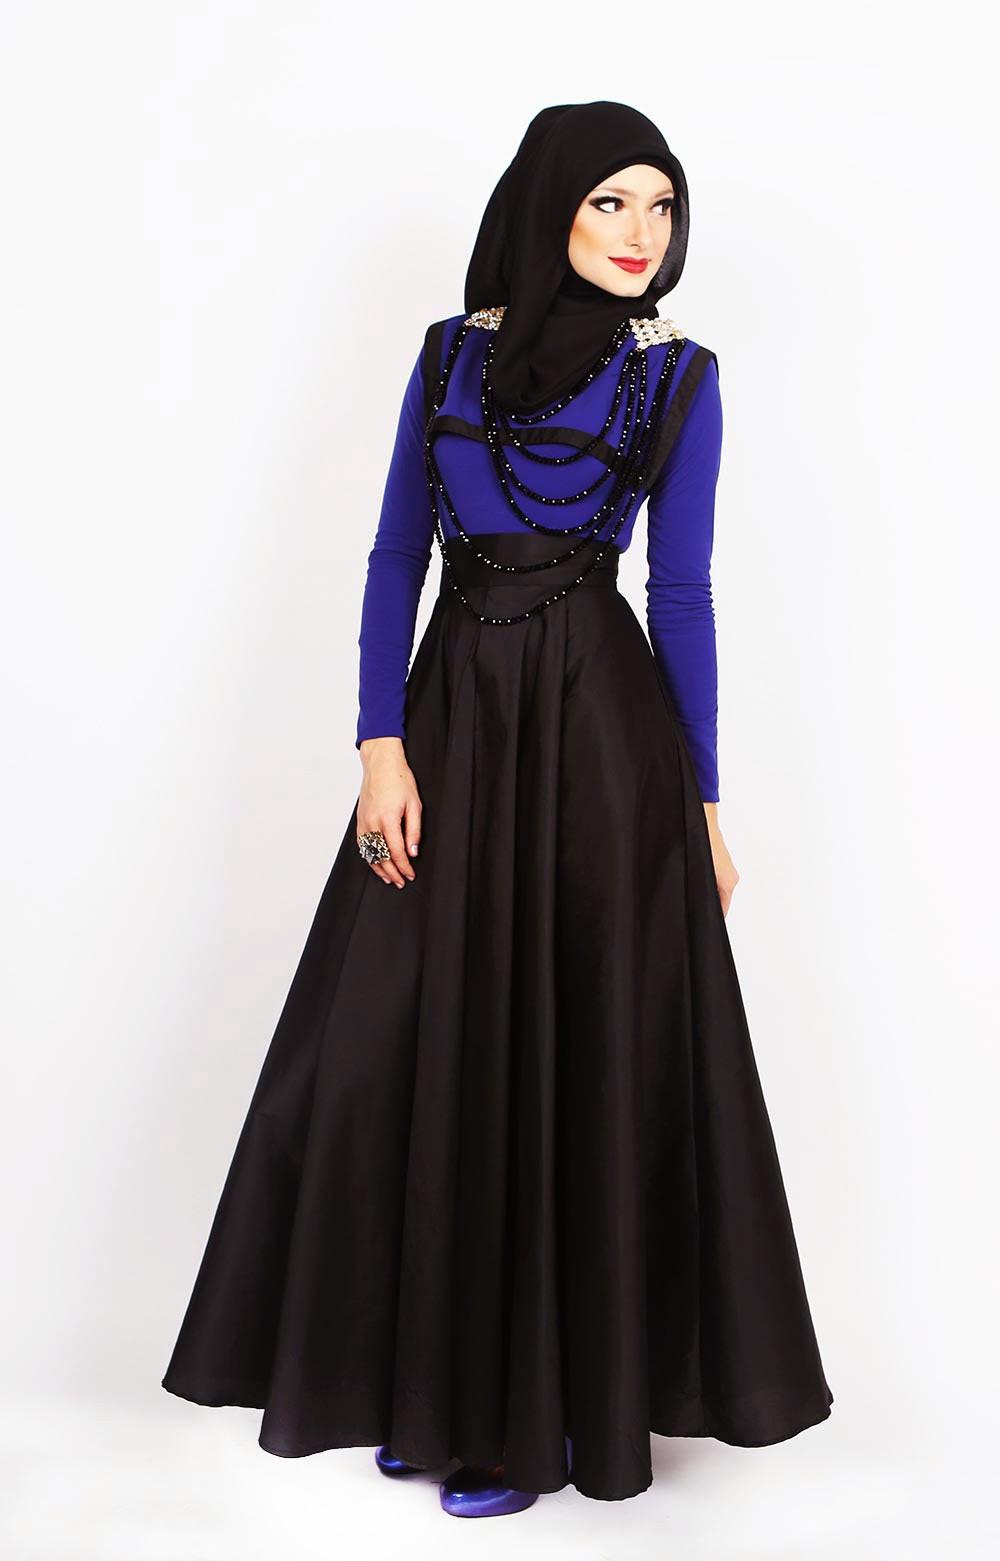 Kumpulan Model Baju Muslim Wanita Modern Masa Kini